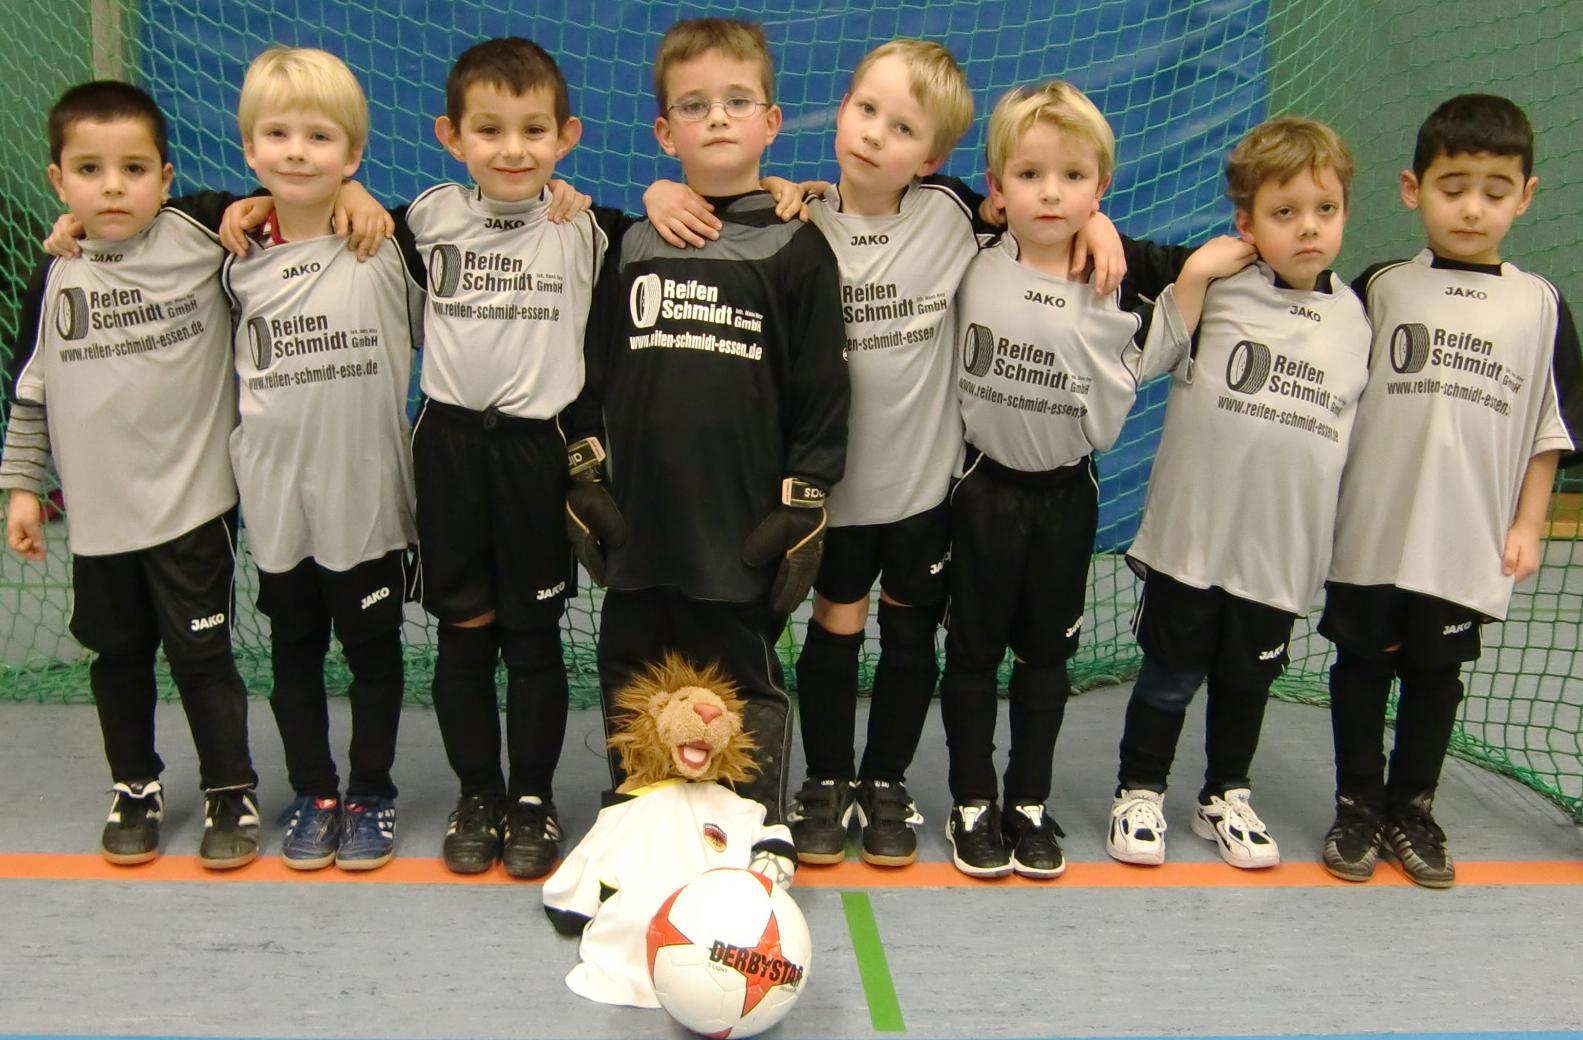 Ballfreunde Bambini in den neuen Trikots, gesponsort von Reifen Schmidt